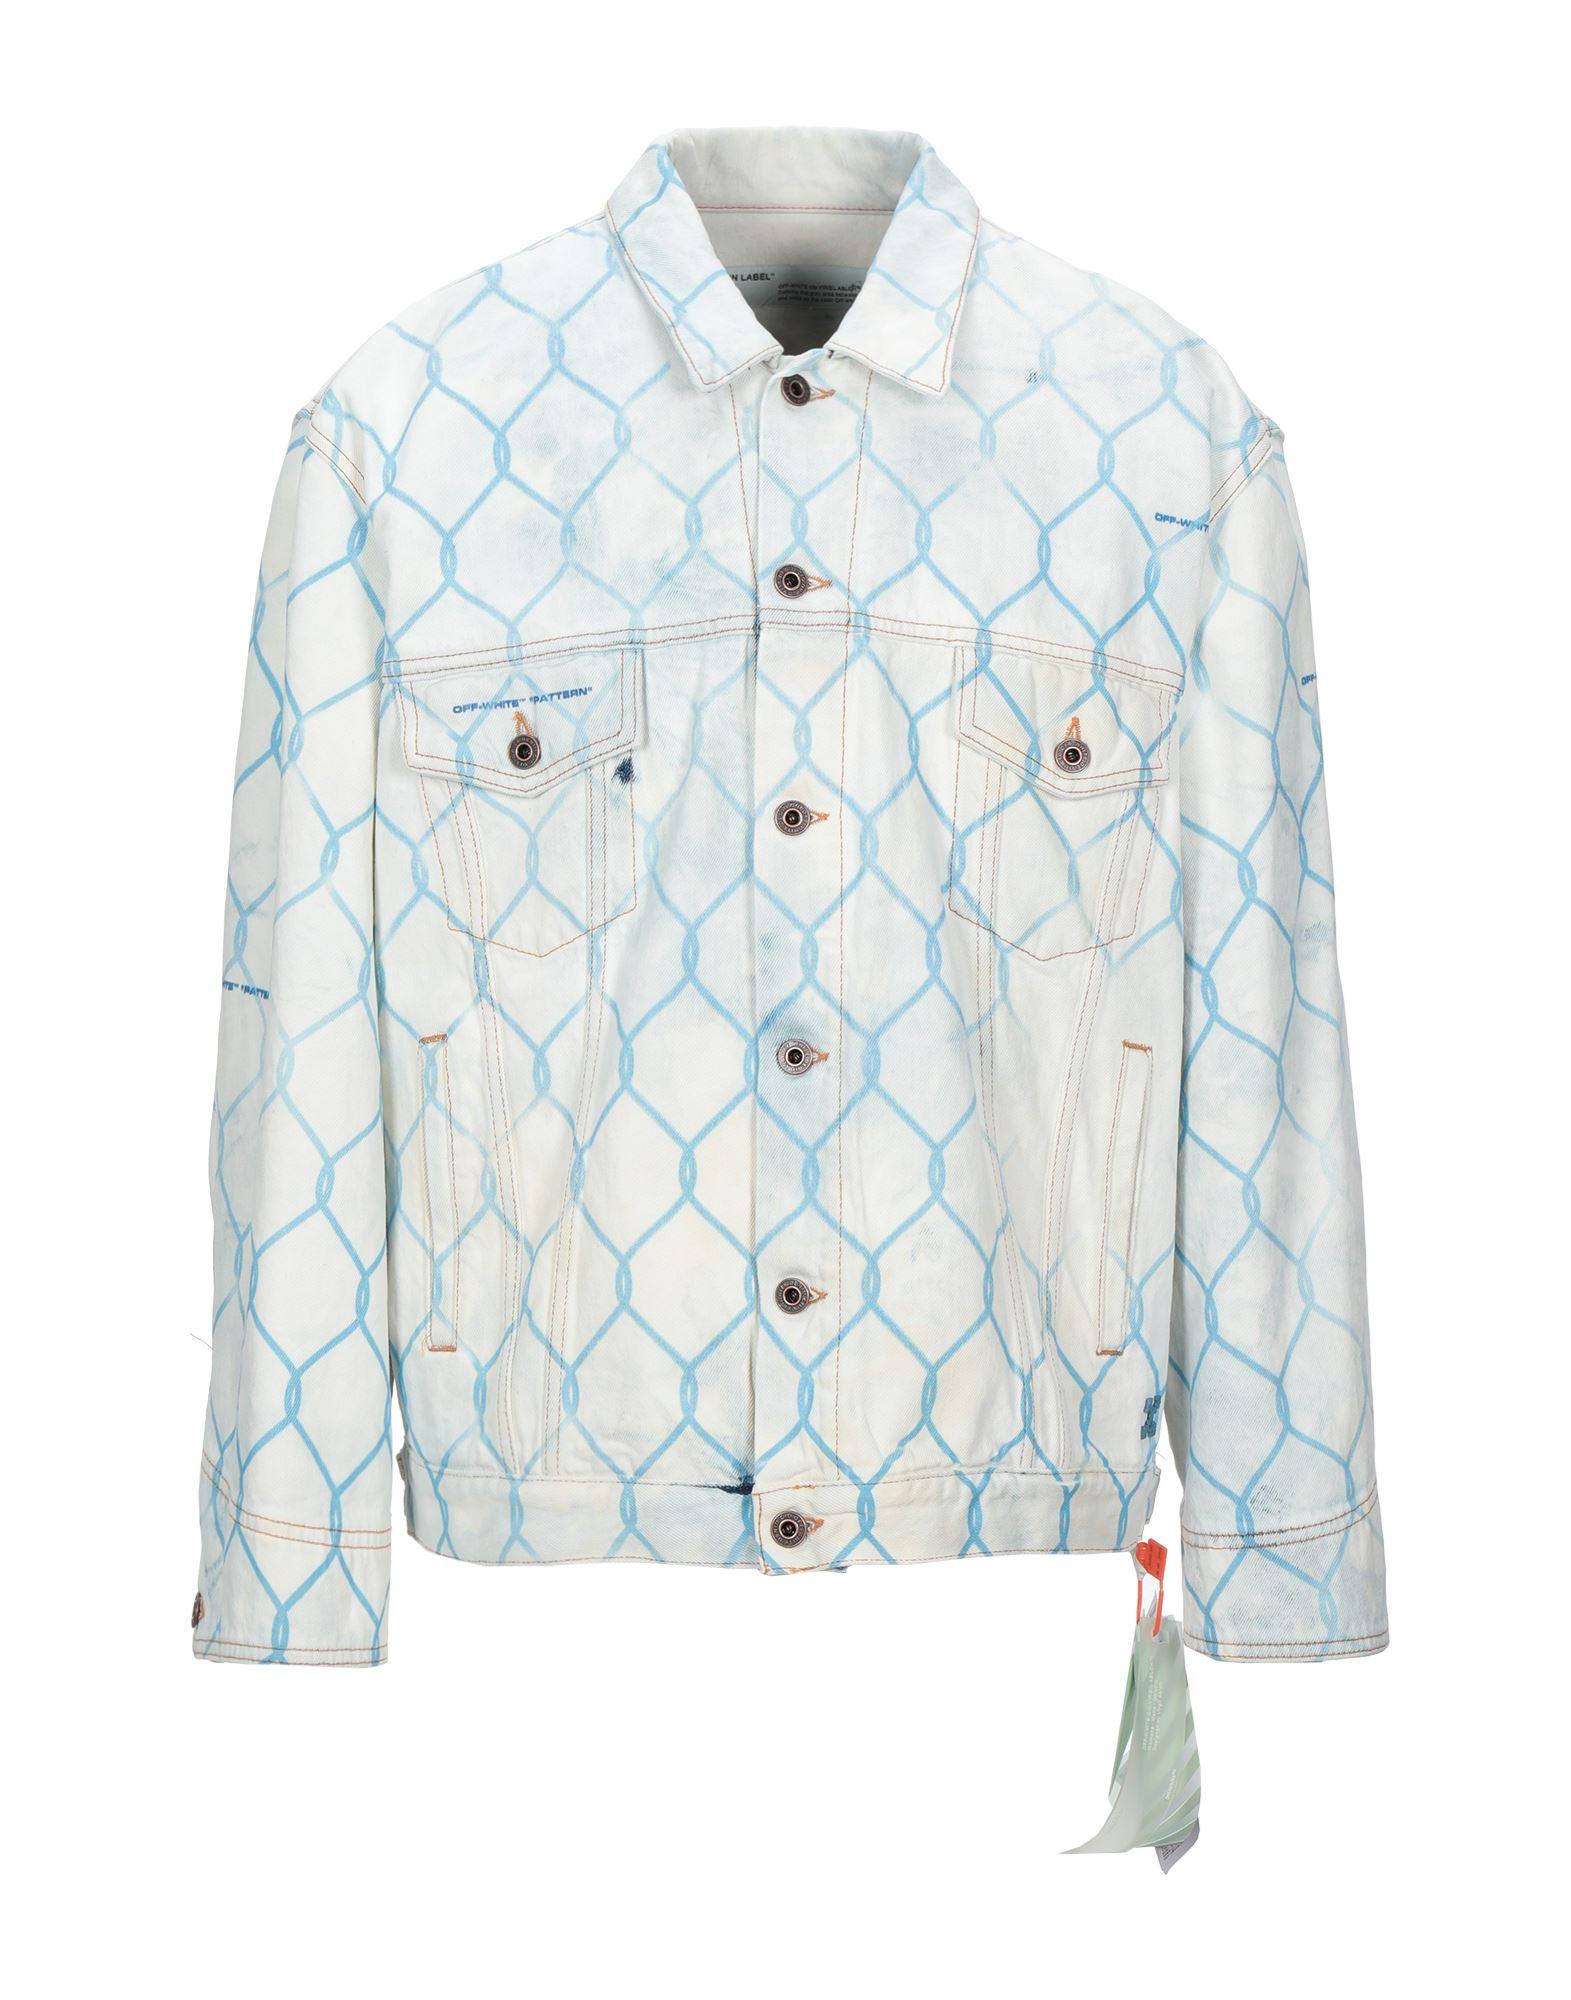 Фото - OFF-WHITE™ Джинсовая верхняя одежда goldsign джинсовая верхняя одежда